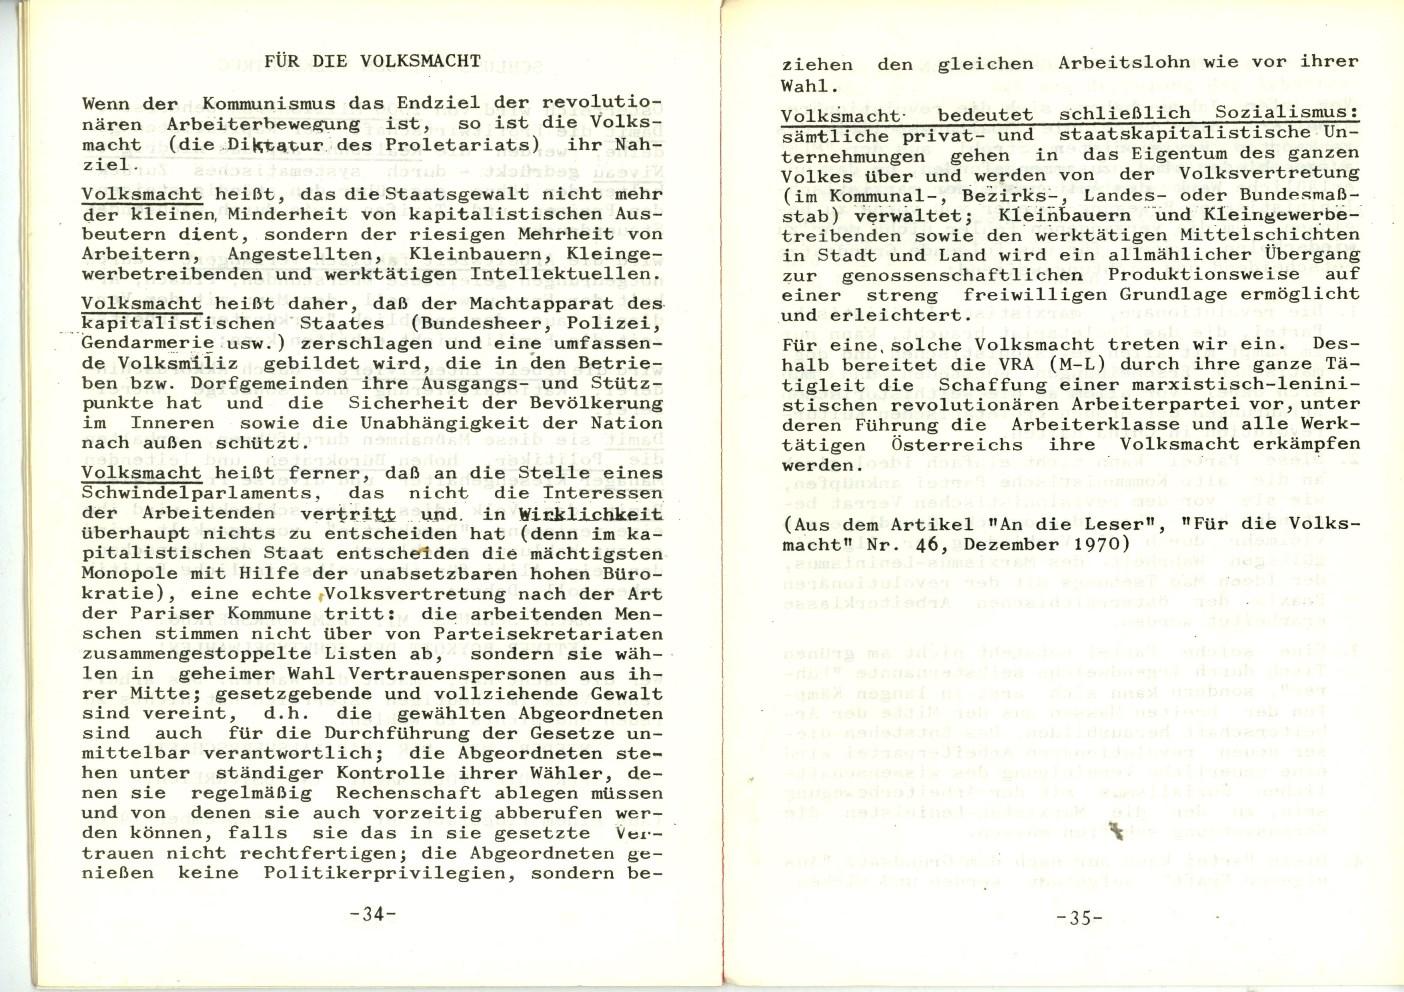 VRA_Grundsatzerklaerung_1971_19